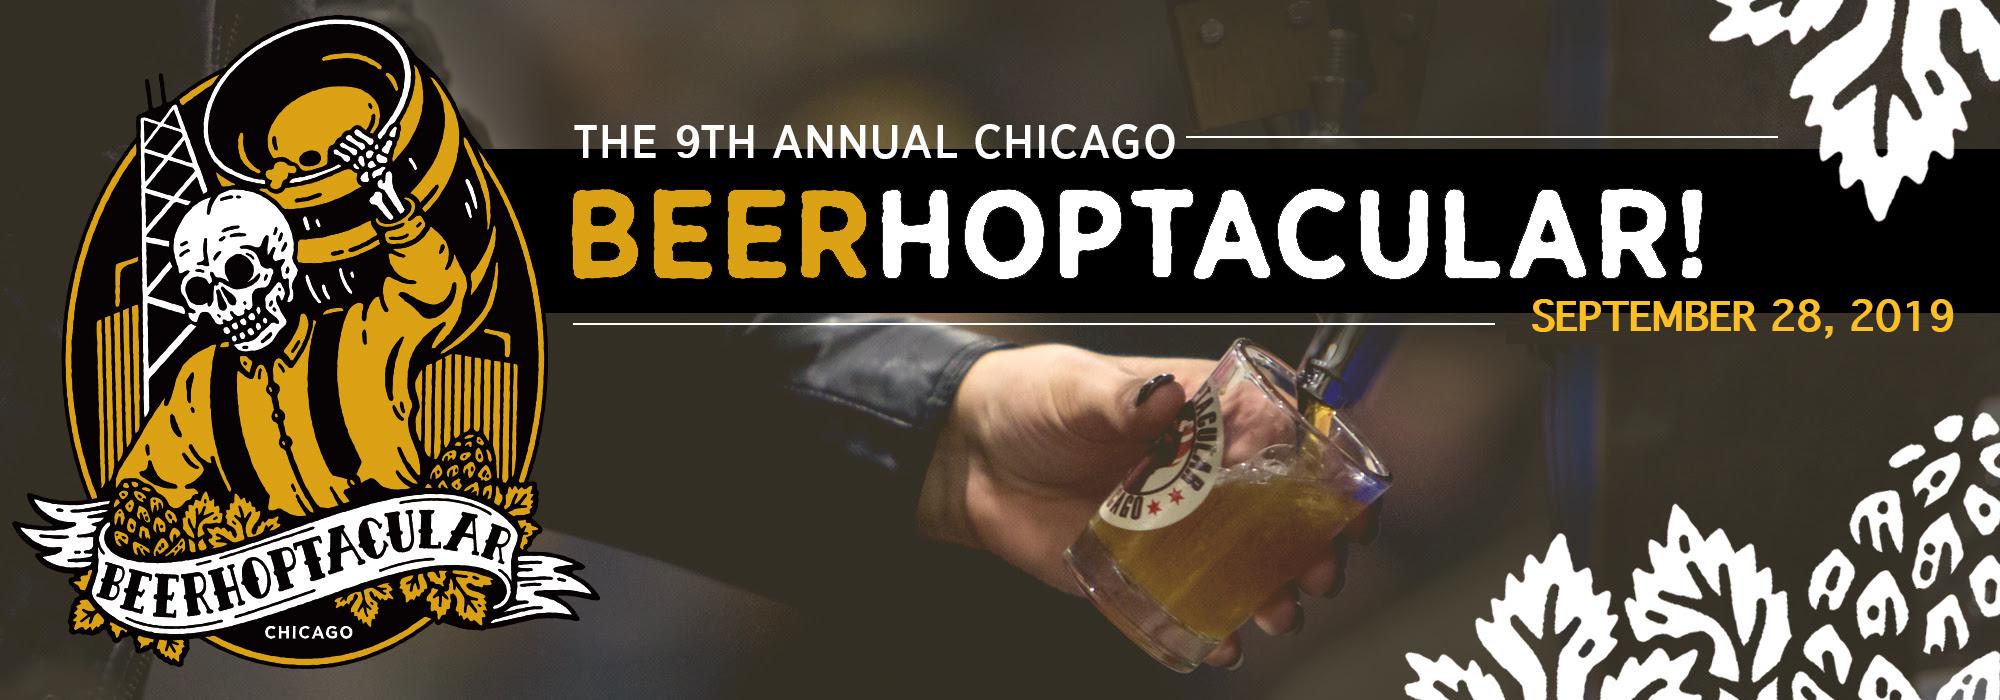 2019 BeerHoptacular.jpg